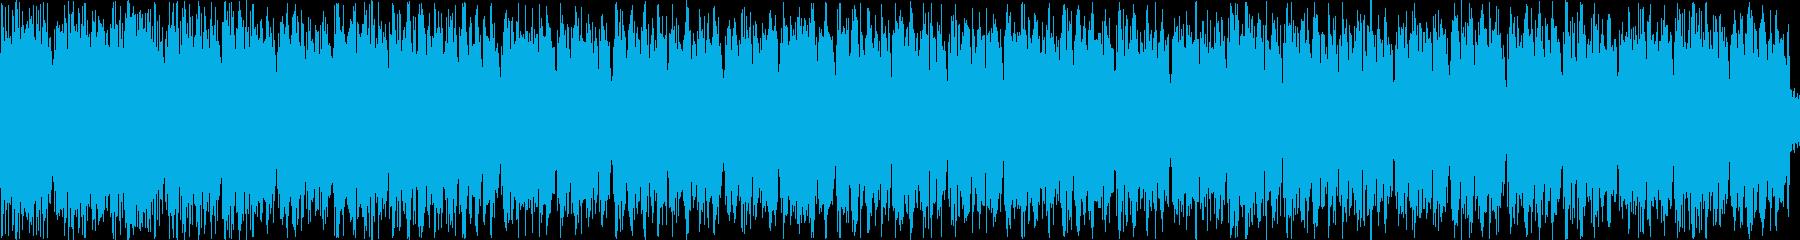 落ち着いた感じのテクノの再生済みの波形